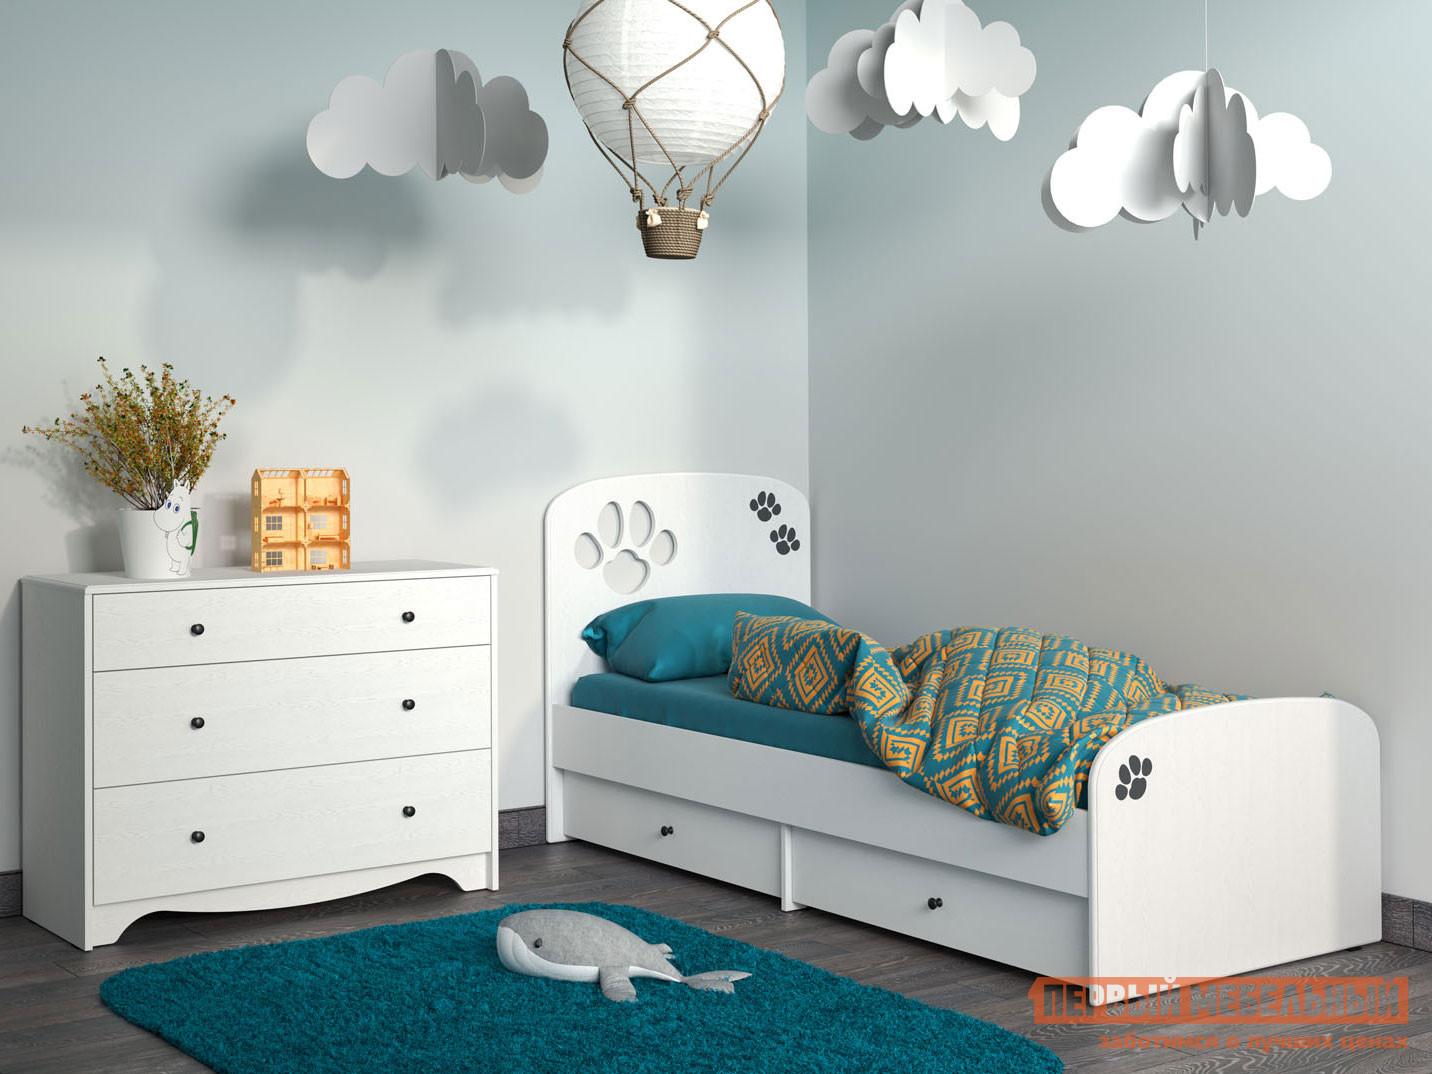 комплект детской мебели первый мебельный жили были k1 Комплект детской мебели Первый Мебельный Комплект детской мебели Томас